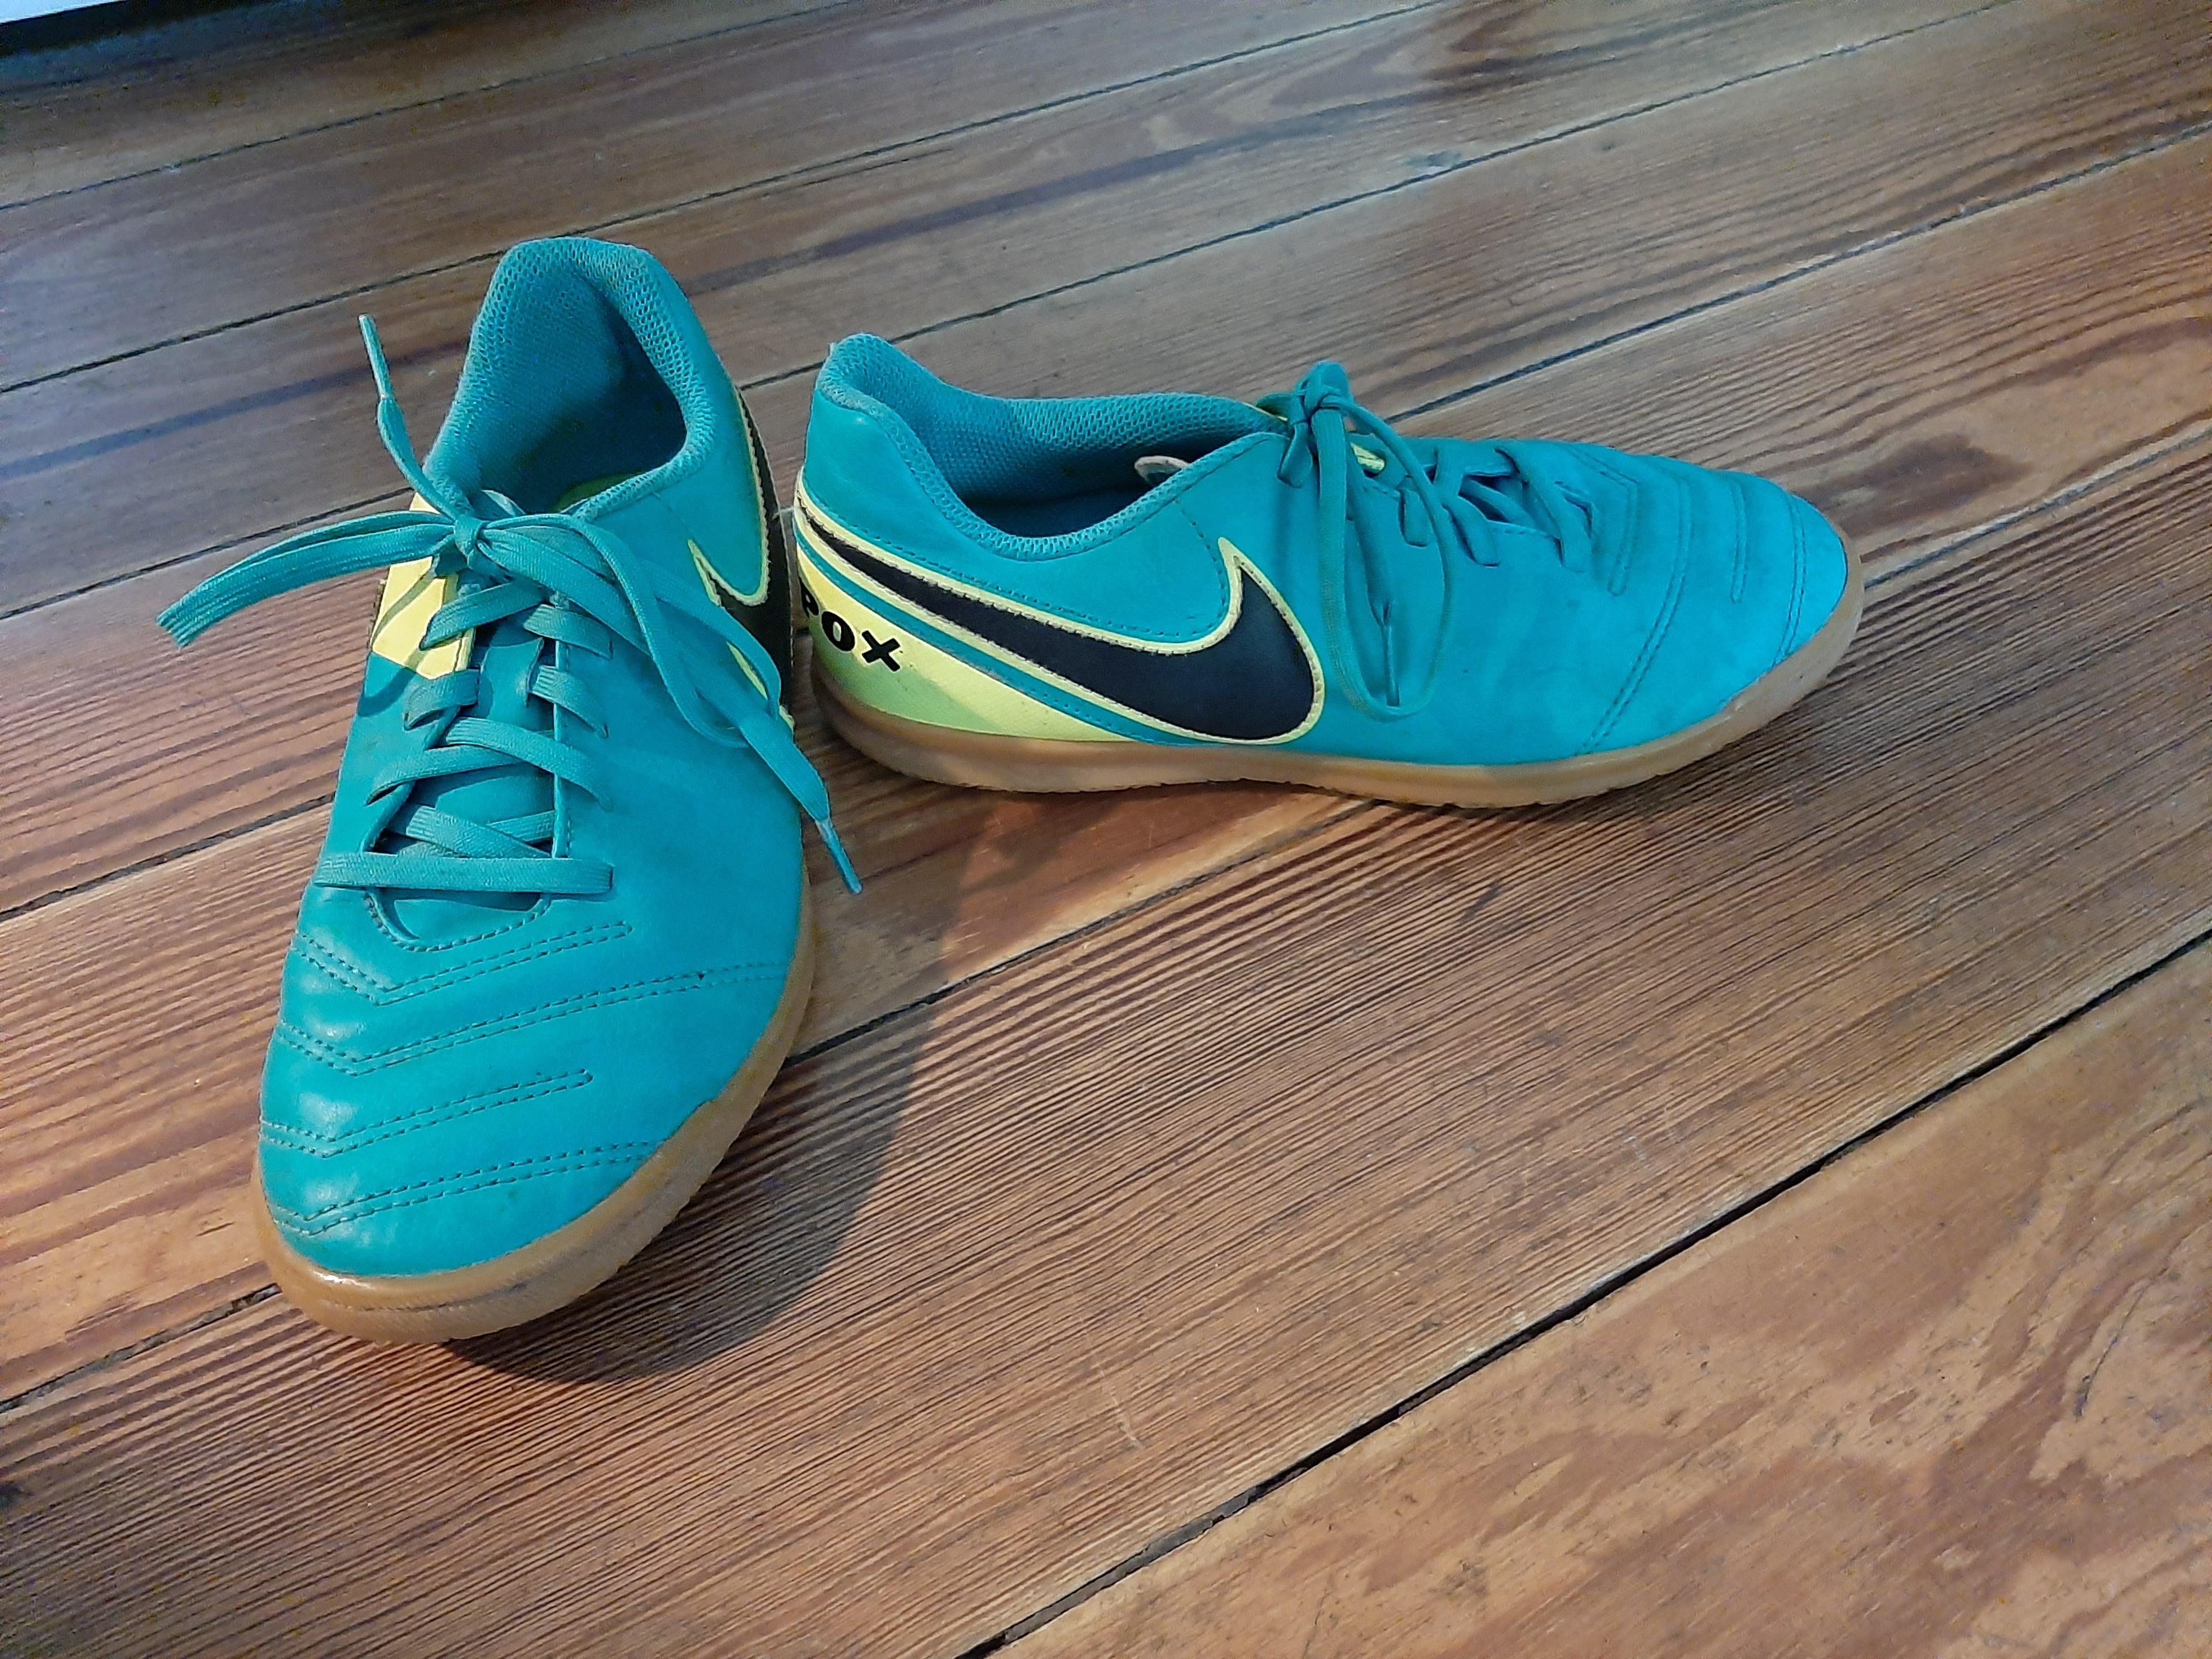 Turnschuhe Nike Tiempo Gr. 37,5 tauschen